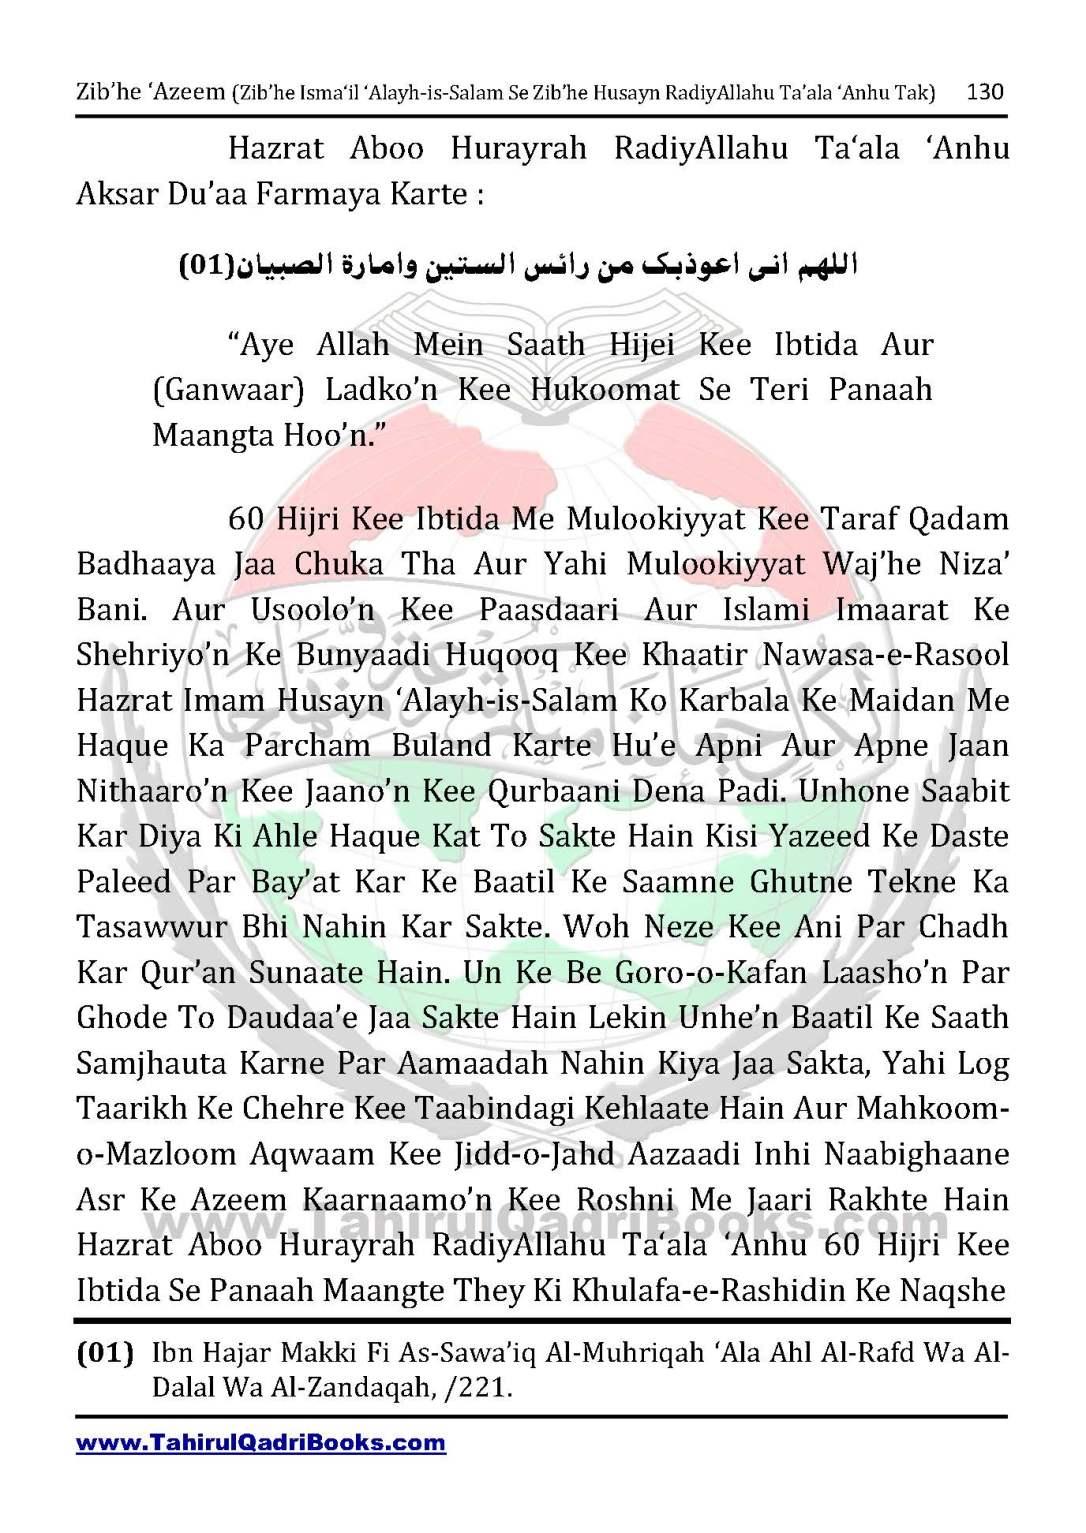 zib_he-e28098azeem-zib_he-ismacabbil-se-zib_he-husayn-tak-in-roman-urdu-unlocked_Page_130